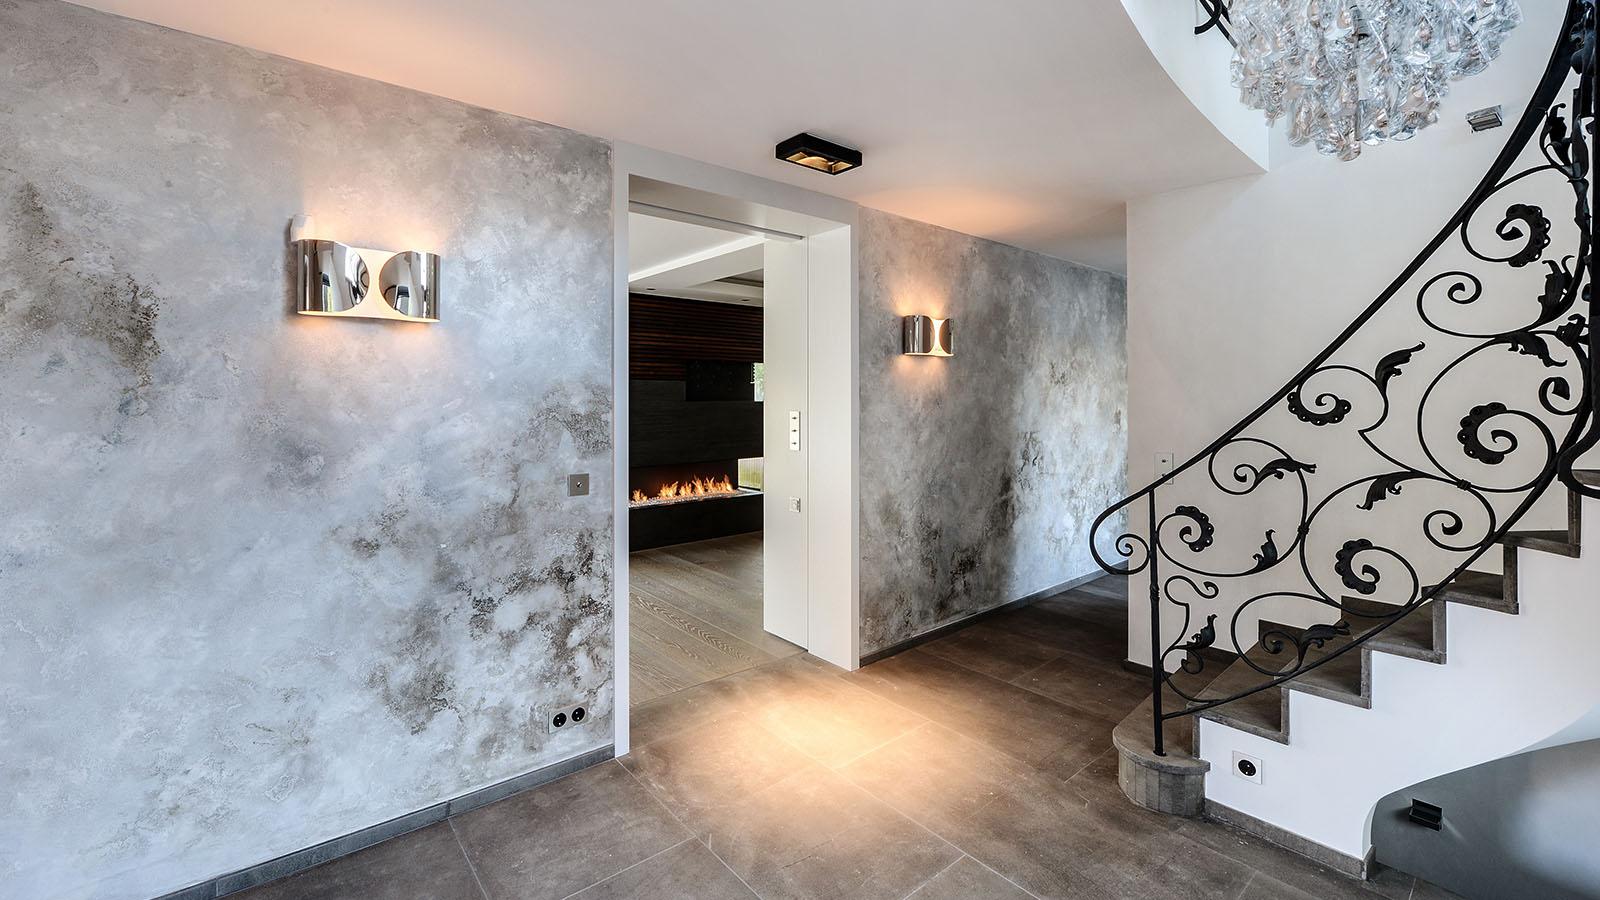 Betontechnik An Wänden, Böden, Die Beispielsweise Im Bad Ohne Fugen In Die  Wand übergehen, Und Extravagante Oberflächentechniken Geben Jedem Raum Ein  ...